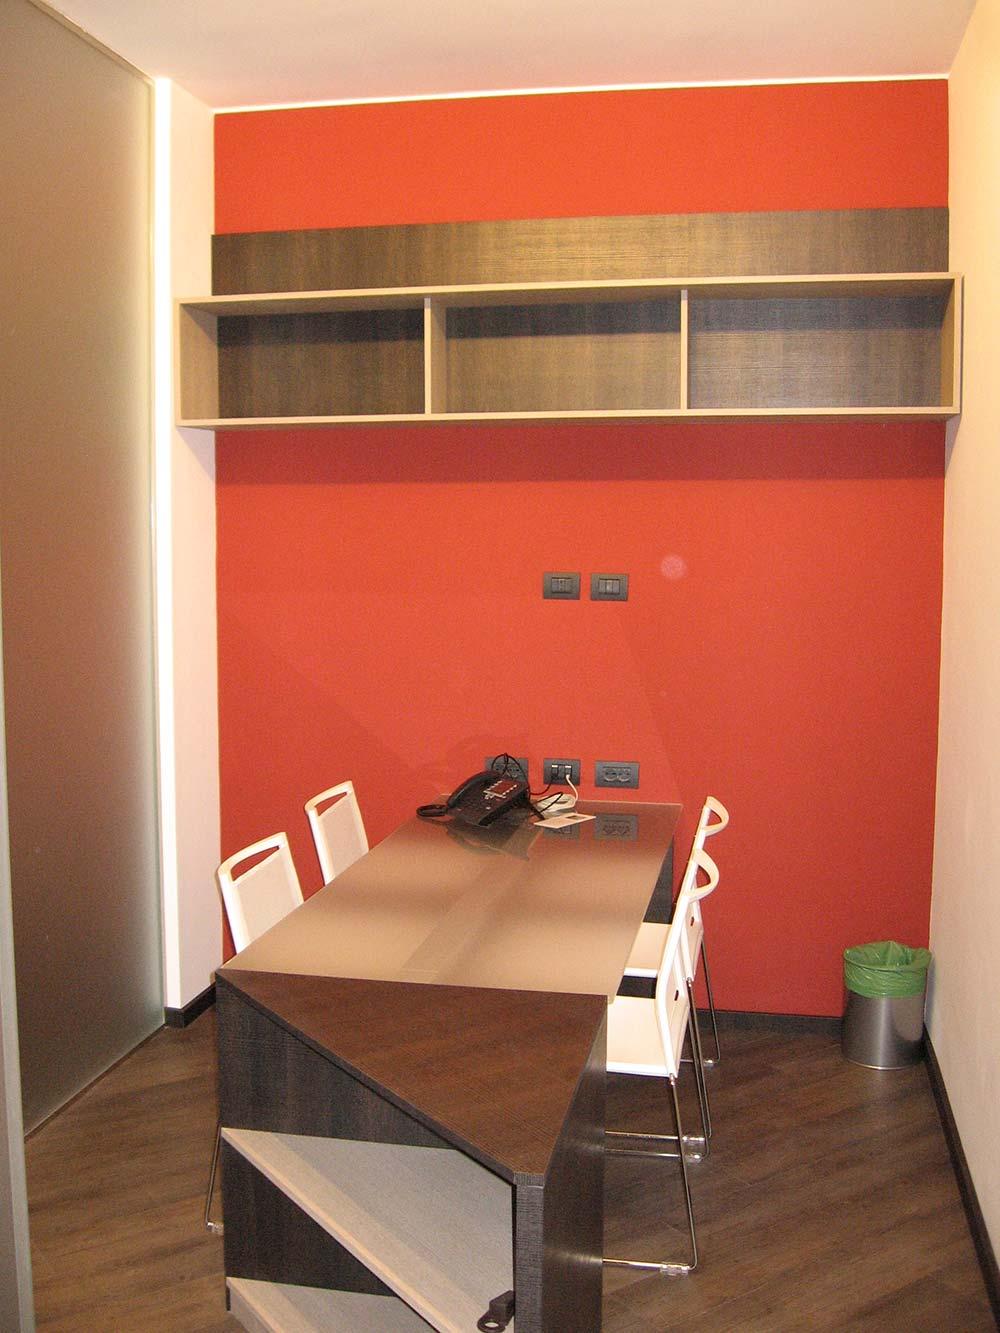 Ufficio monza architettura e design d 39 interni for Interni ufficio design